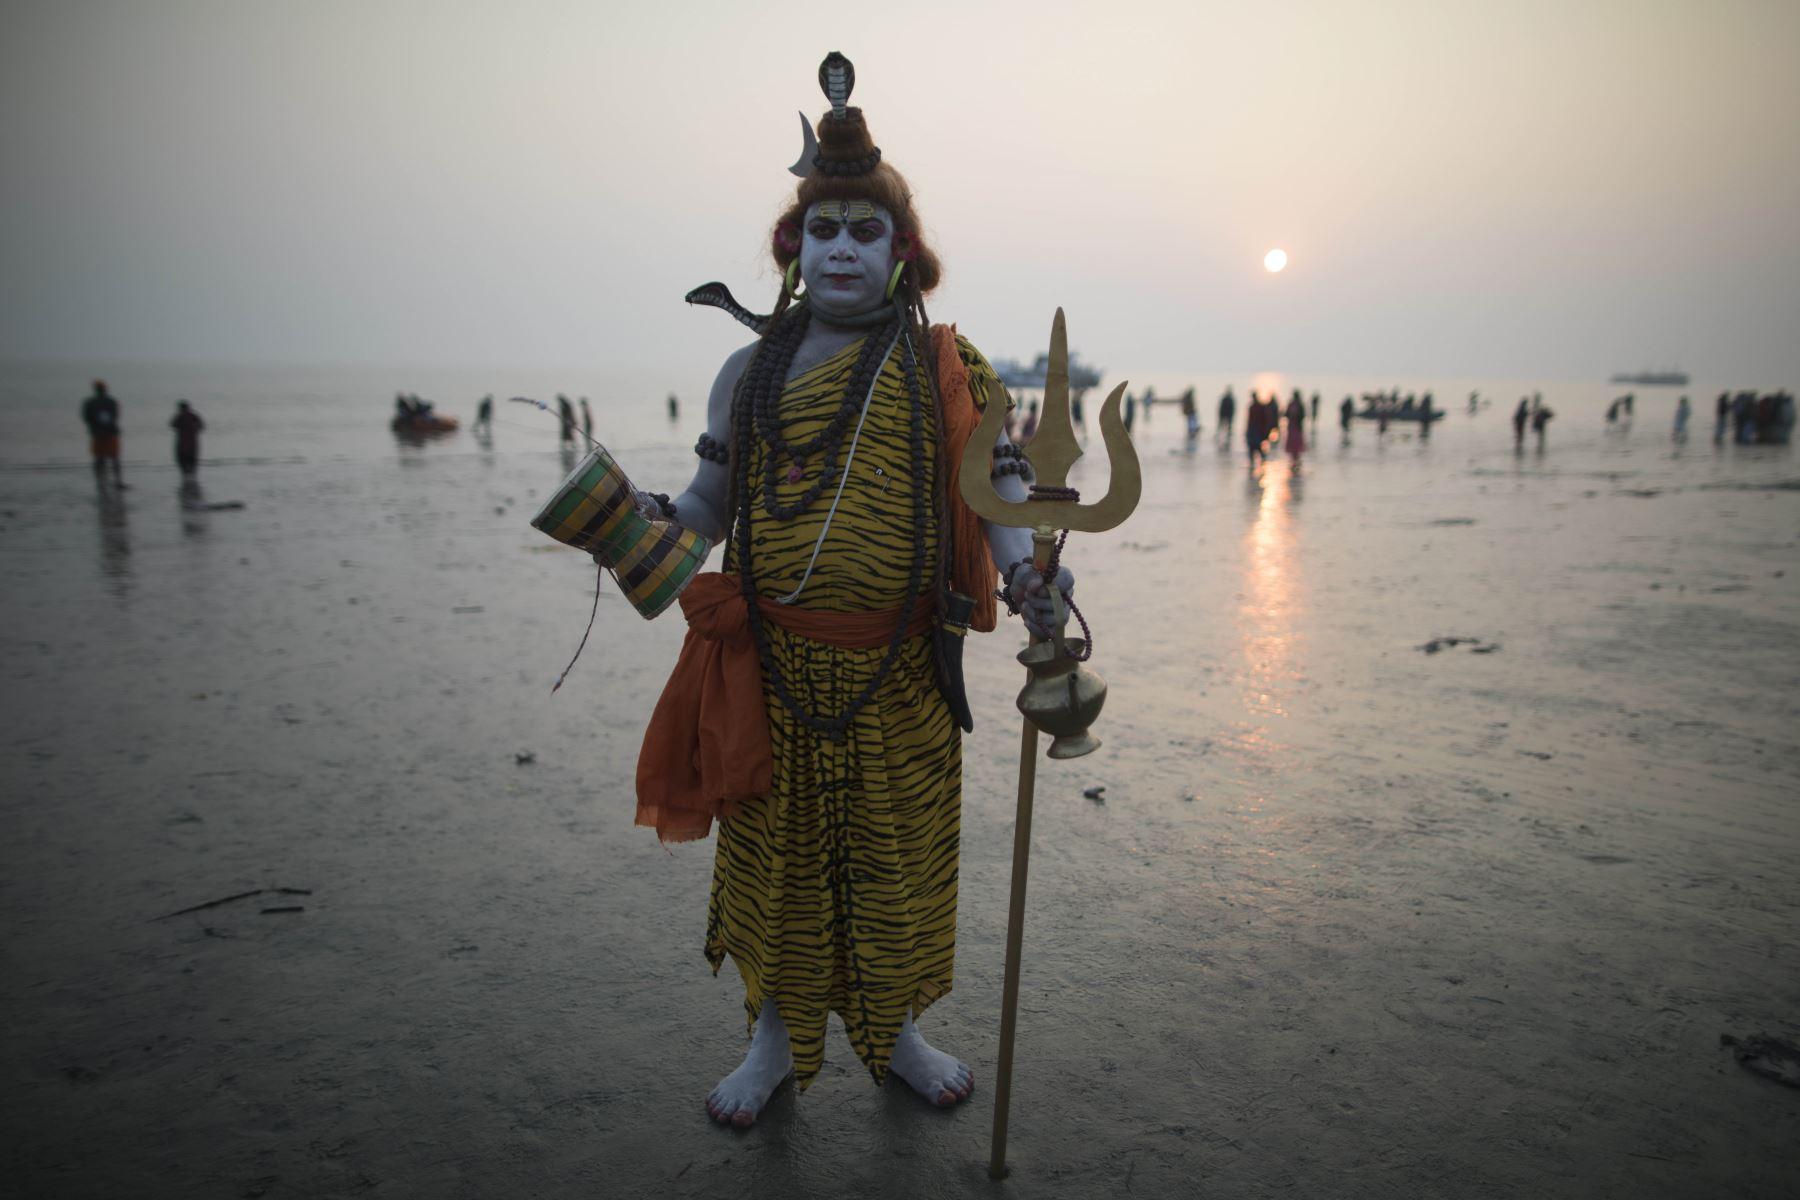 Un devoto hindú vestido como Lord Shiva se para en la playa mientras otros se bañan en la bahía de Bengala durante el Gangasagar Mela, en la isla Sagar, a unos 150 kilómetros al sur de Calcuta. Foto: AFP